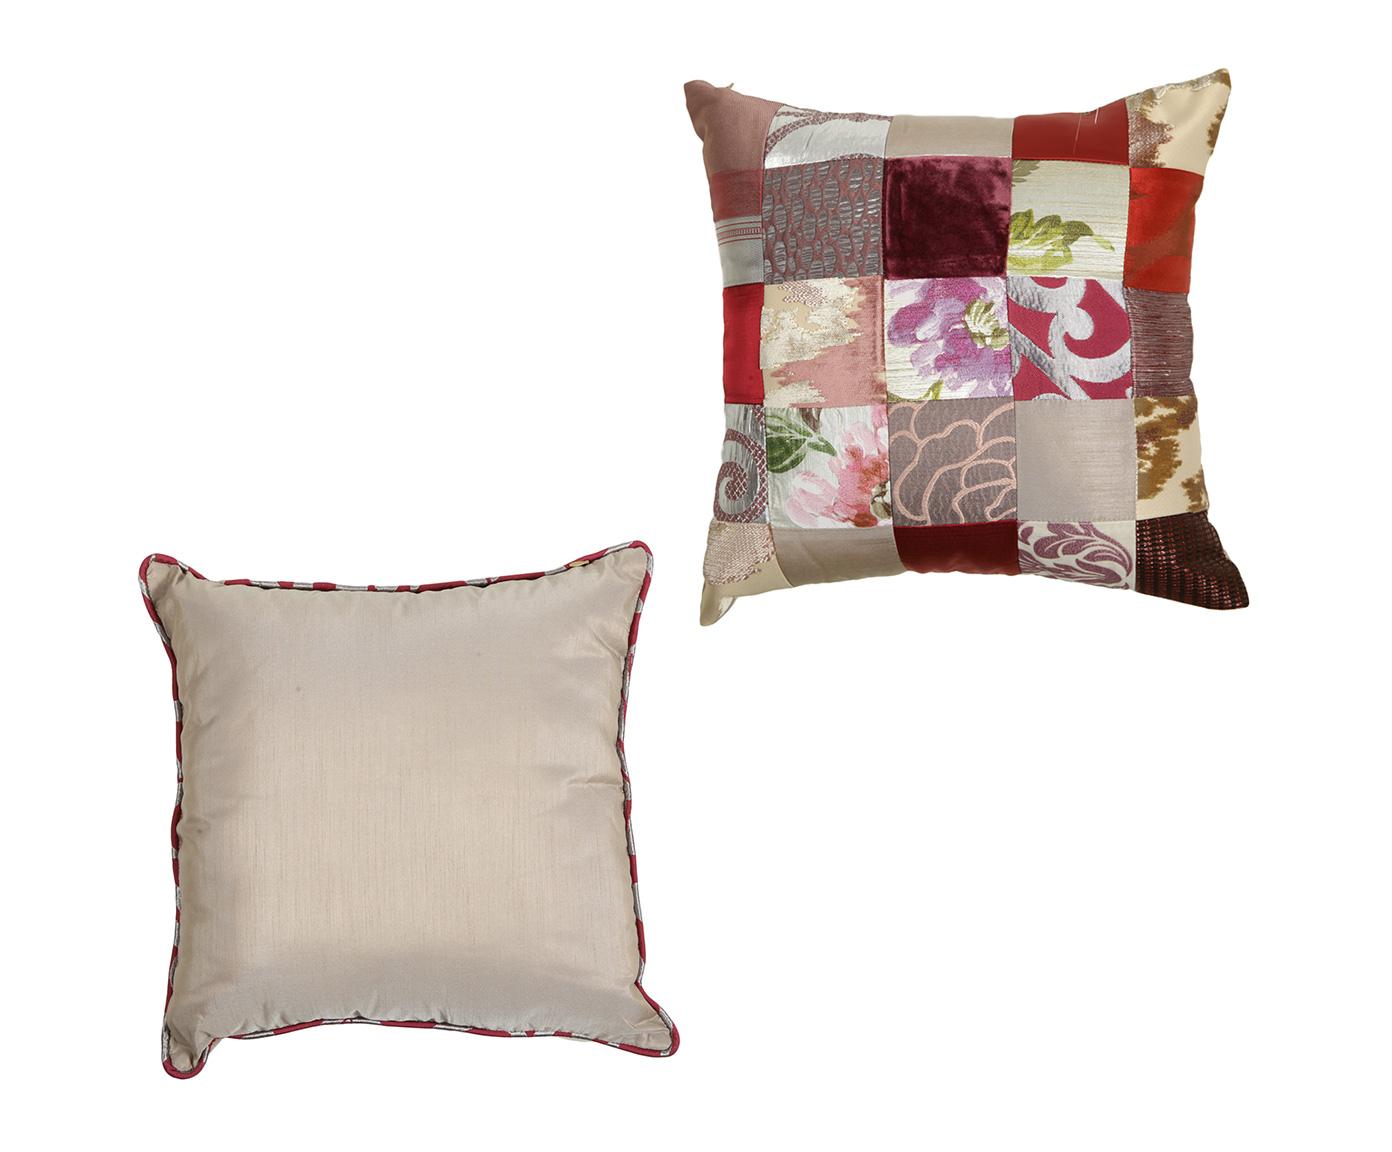 Комплект подушек ПэчворкКвадратные подушки и наволочки<br>Комплект декоративных  подушек. Чехол съемный.<br><br>Material: Хлопок<br>Width см: 45<br>Depth см: 15<br>Height см: 45